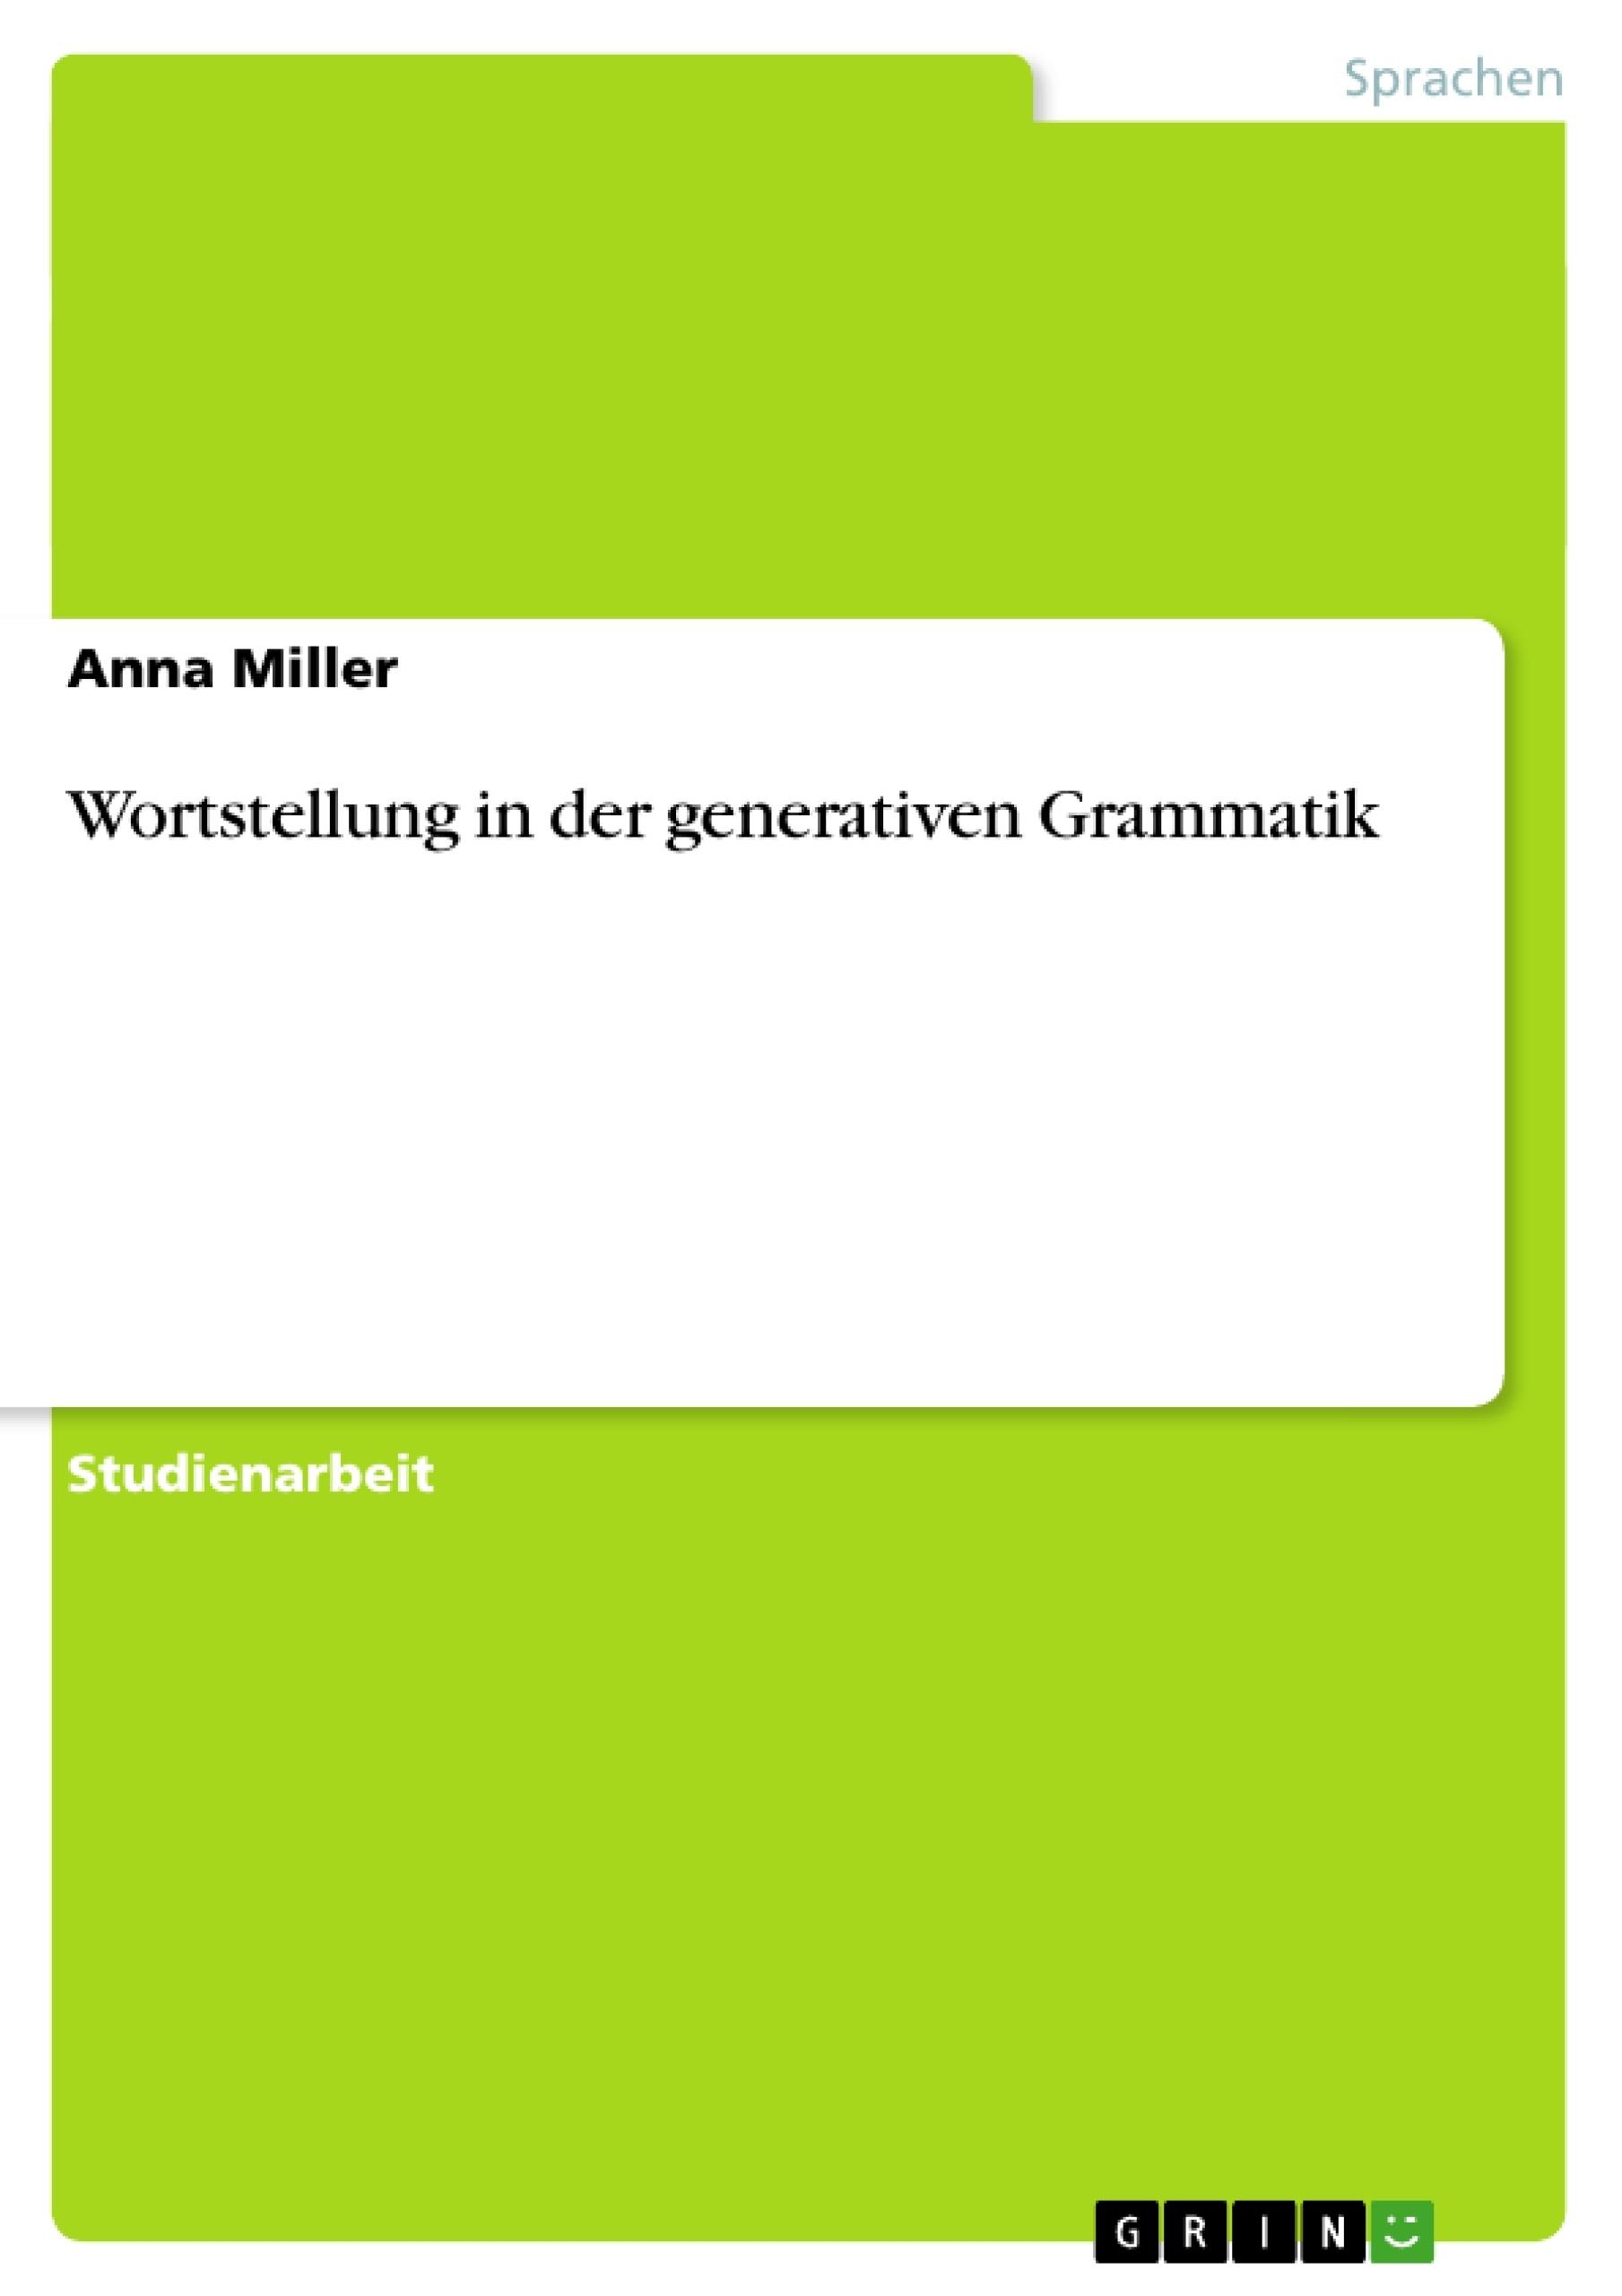 Titel: Wortstellung in der generativen Grammatik